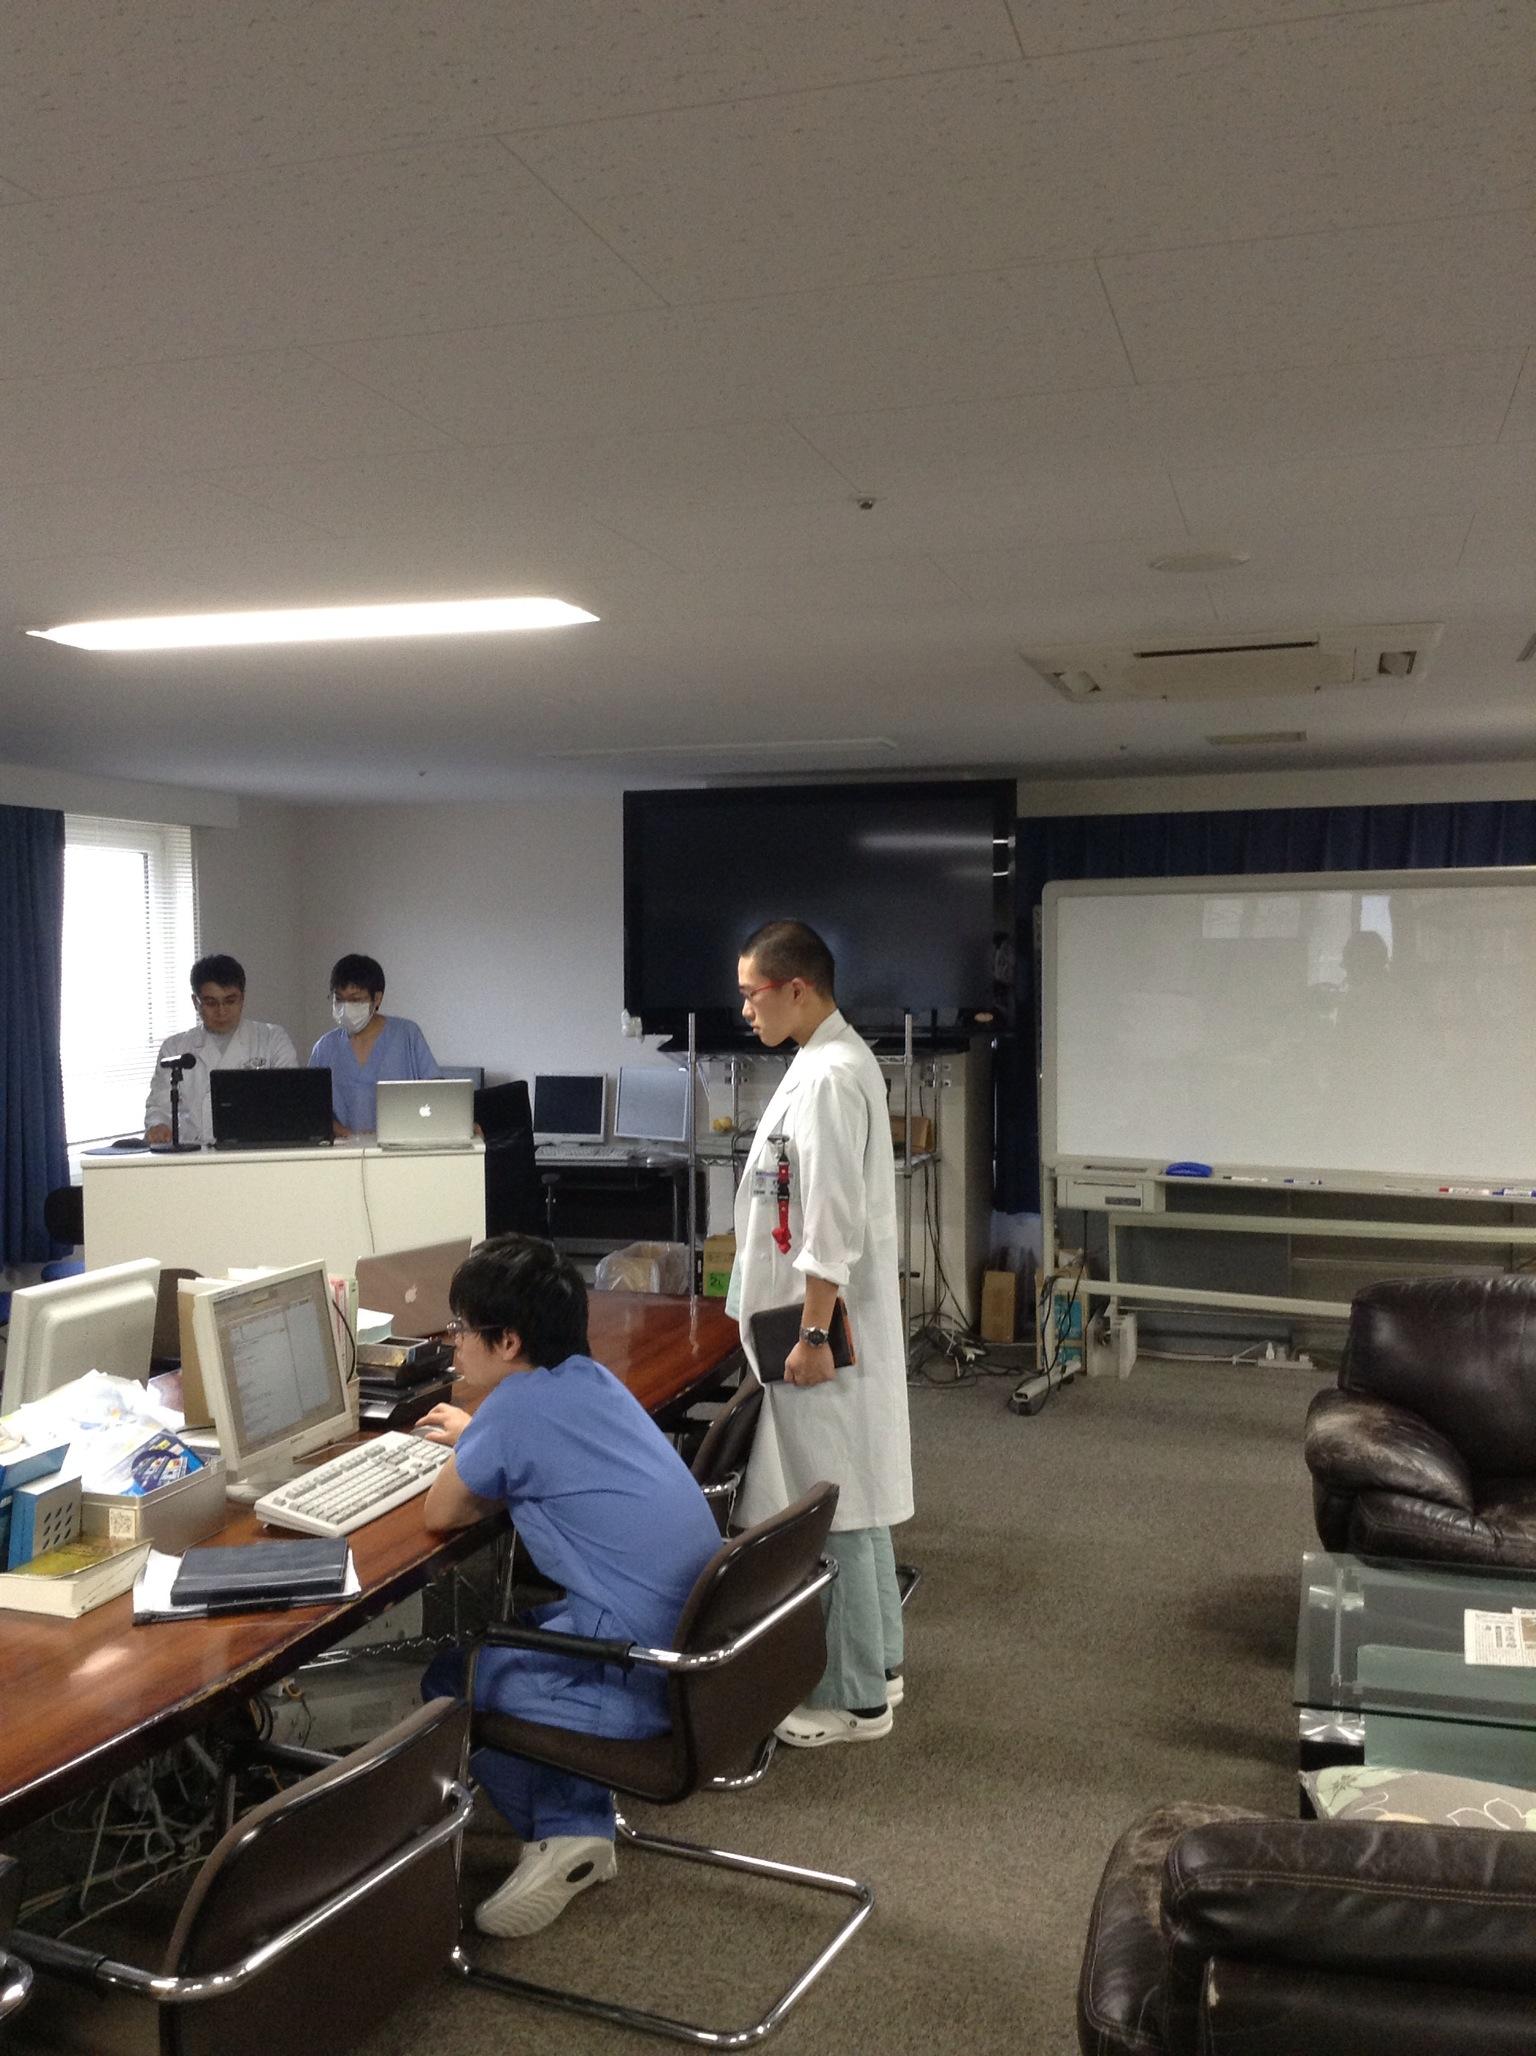 http://blog.higashi-tokushukai.or.jp/ydblog/image%20%285%29.jpeg